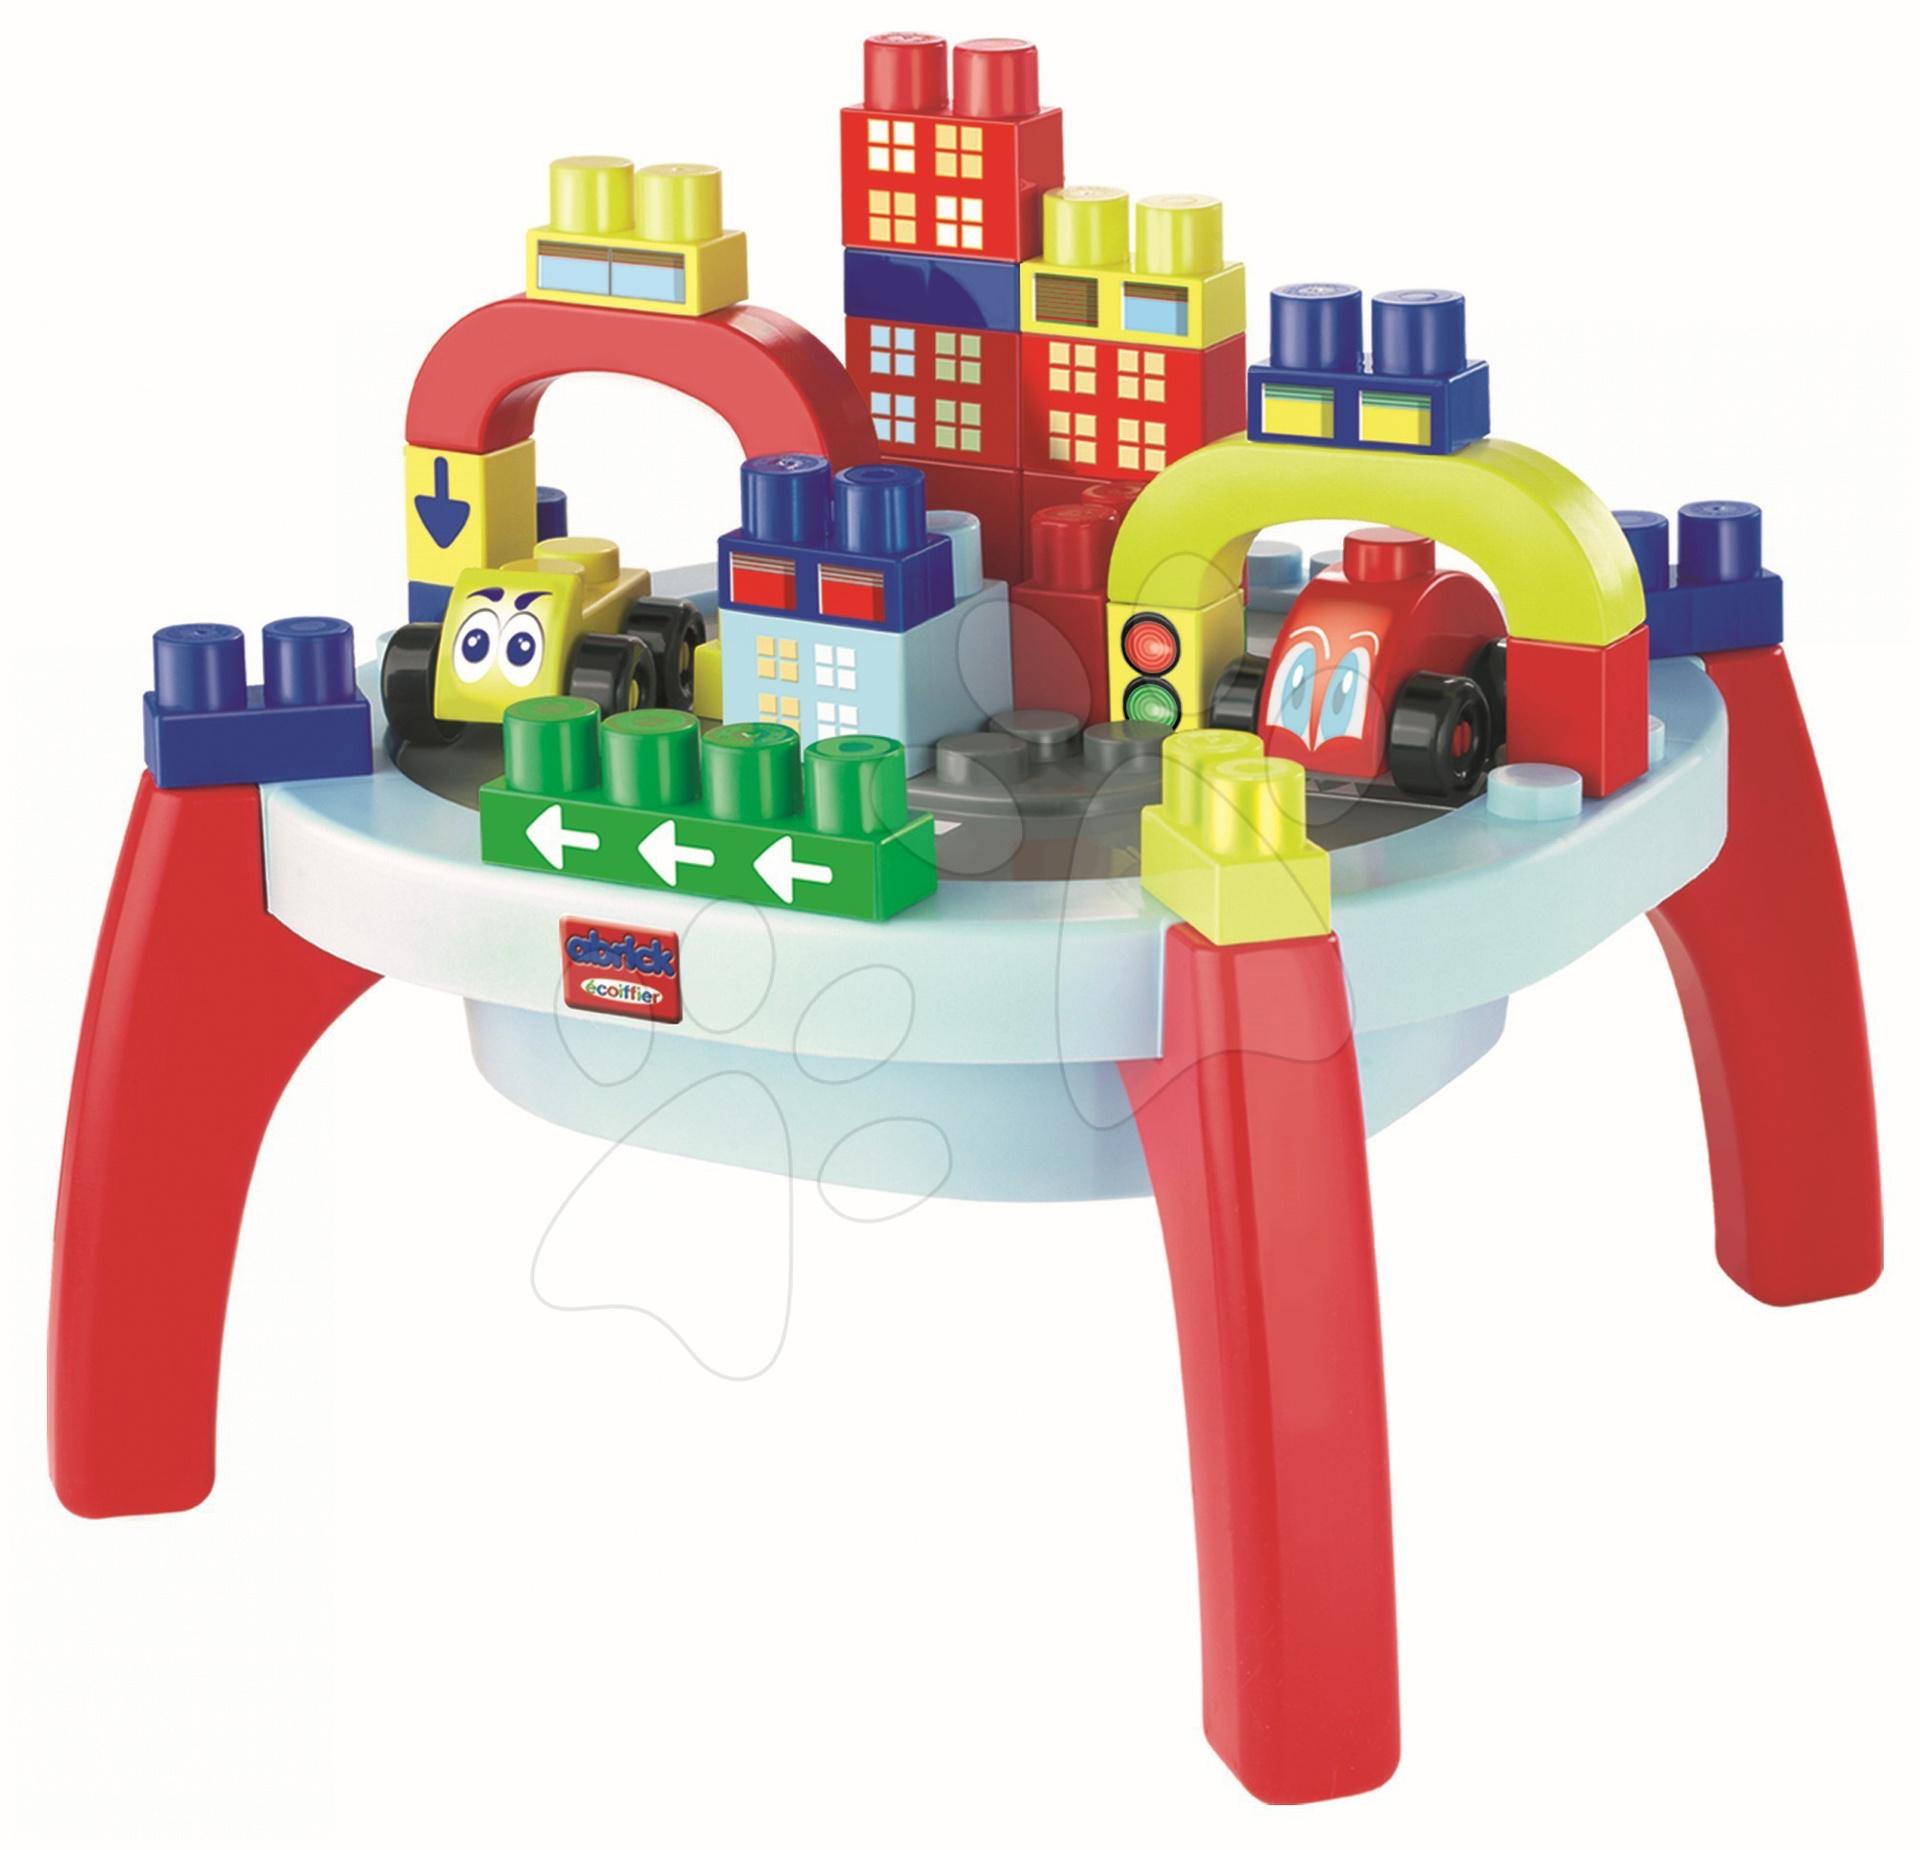 Stavebnice pre najmenších - Stôl Abrick Maxi Écoiffier s kockami a autíčkami 37 dielov + 24 dielov bonus od 12 mes